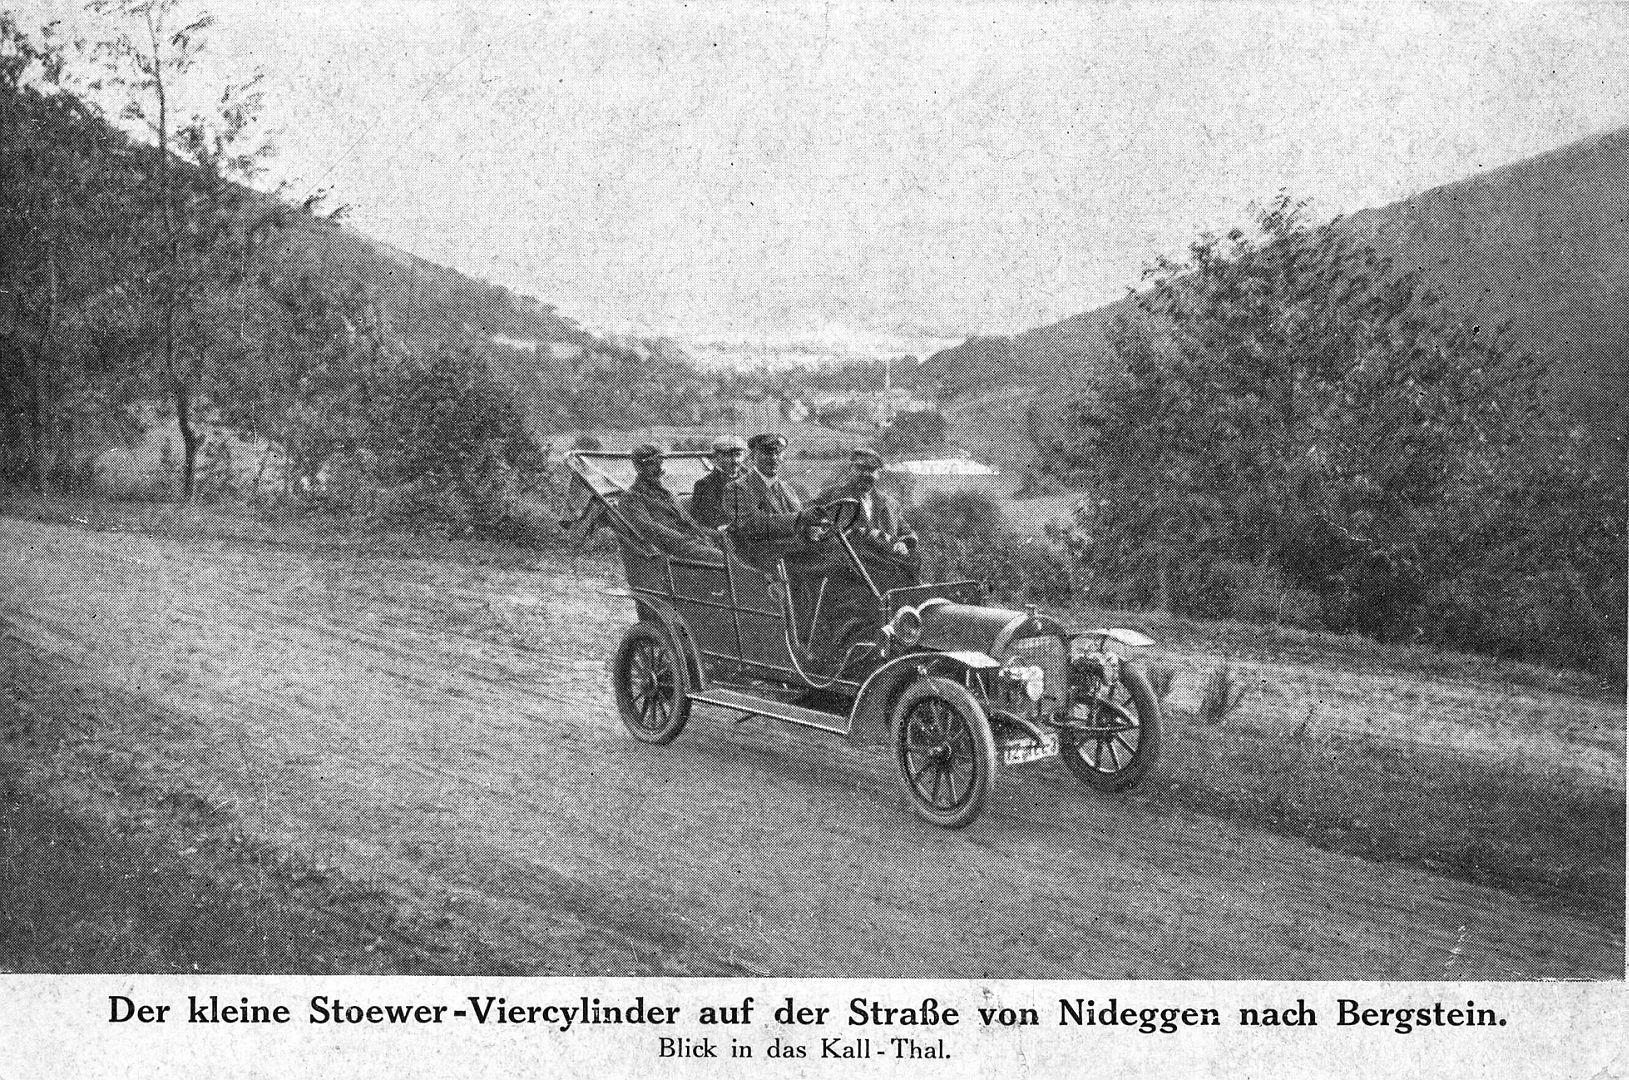 Stoewer-Vierzylinder_klein_Werks-Postkarte_vor 1910_Galerie